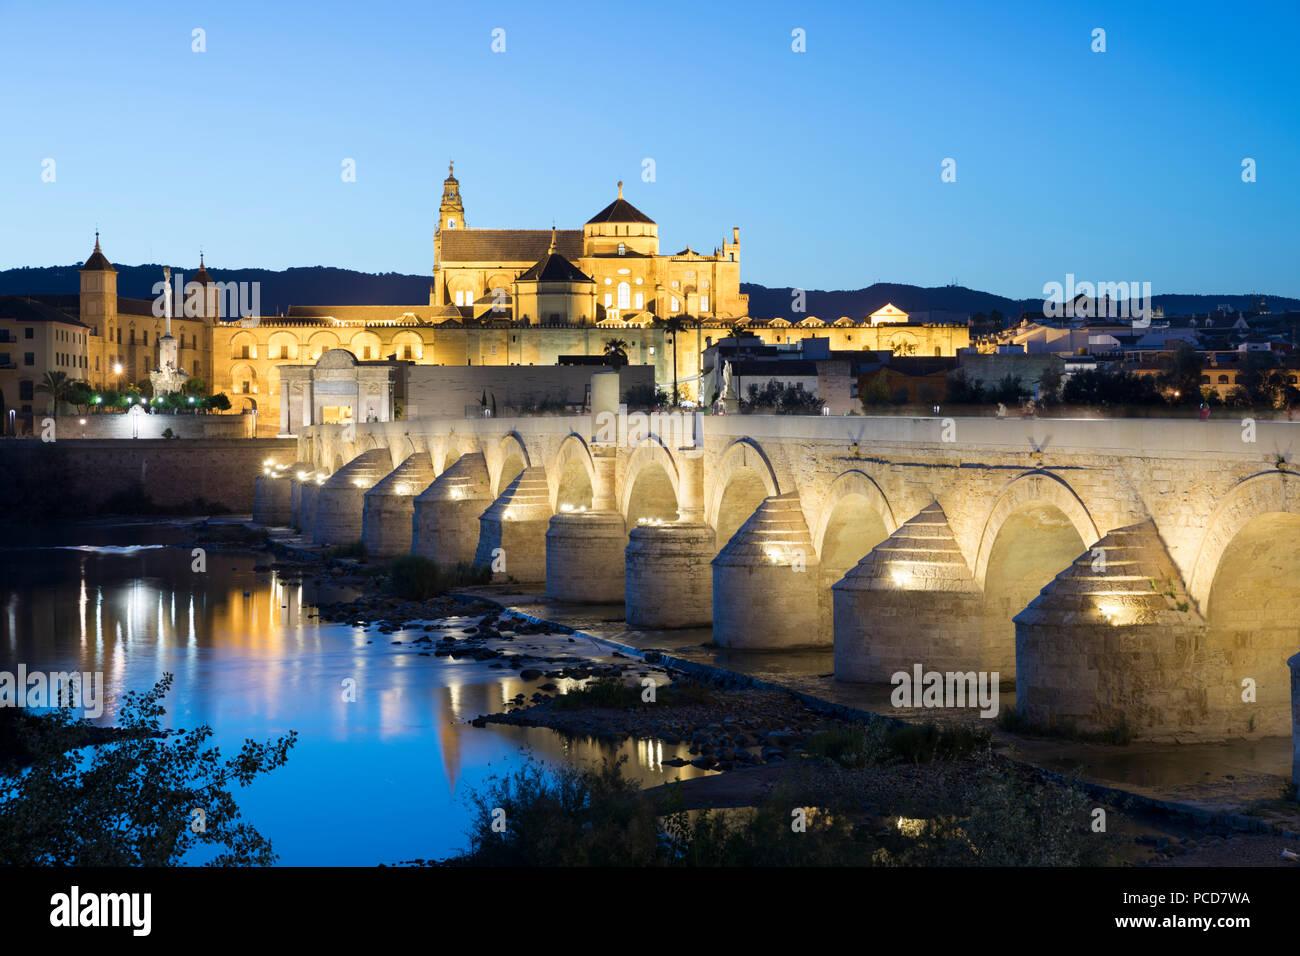 La Mezquita e ponte romano sul fiume Guadalquivir illuminazione notturna, Cordoba, Andalusia, Spagna, Europa Immagini Stock